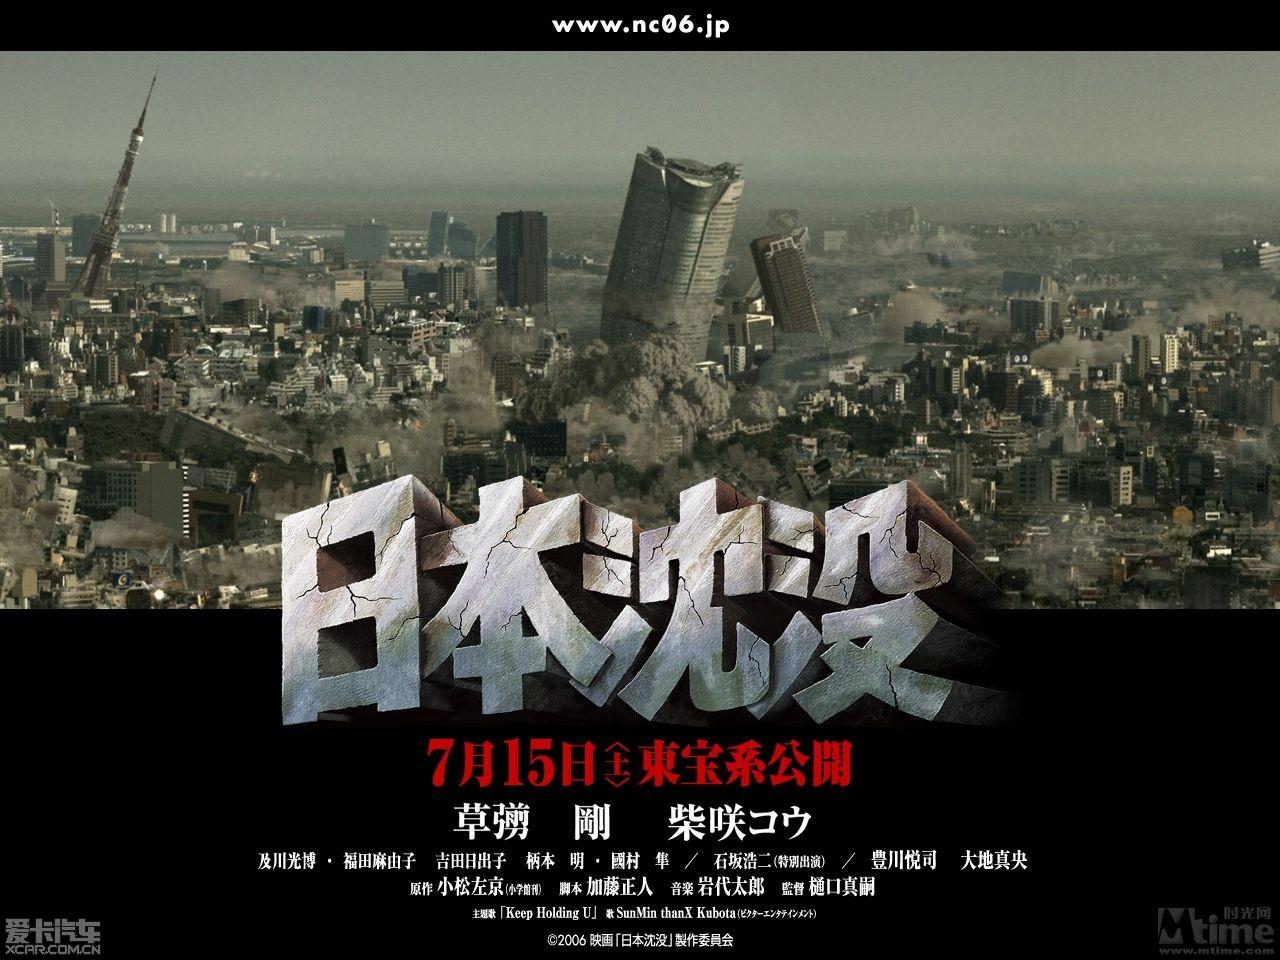 这地震让我想起了一部电影《日本沉没》,如果日本真要